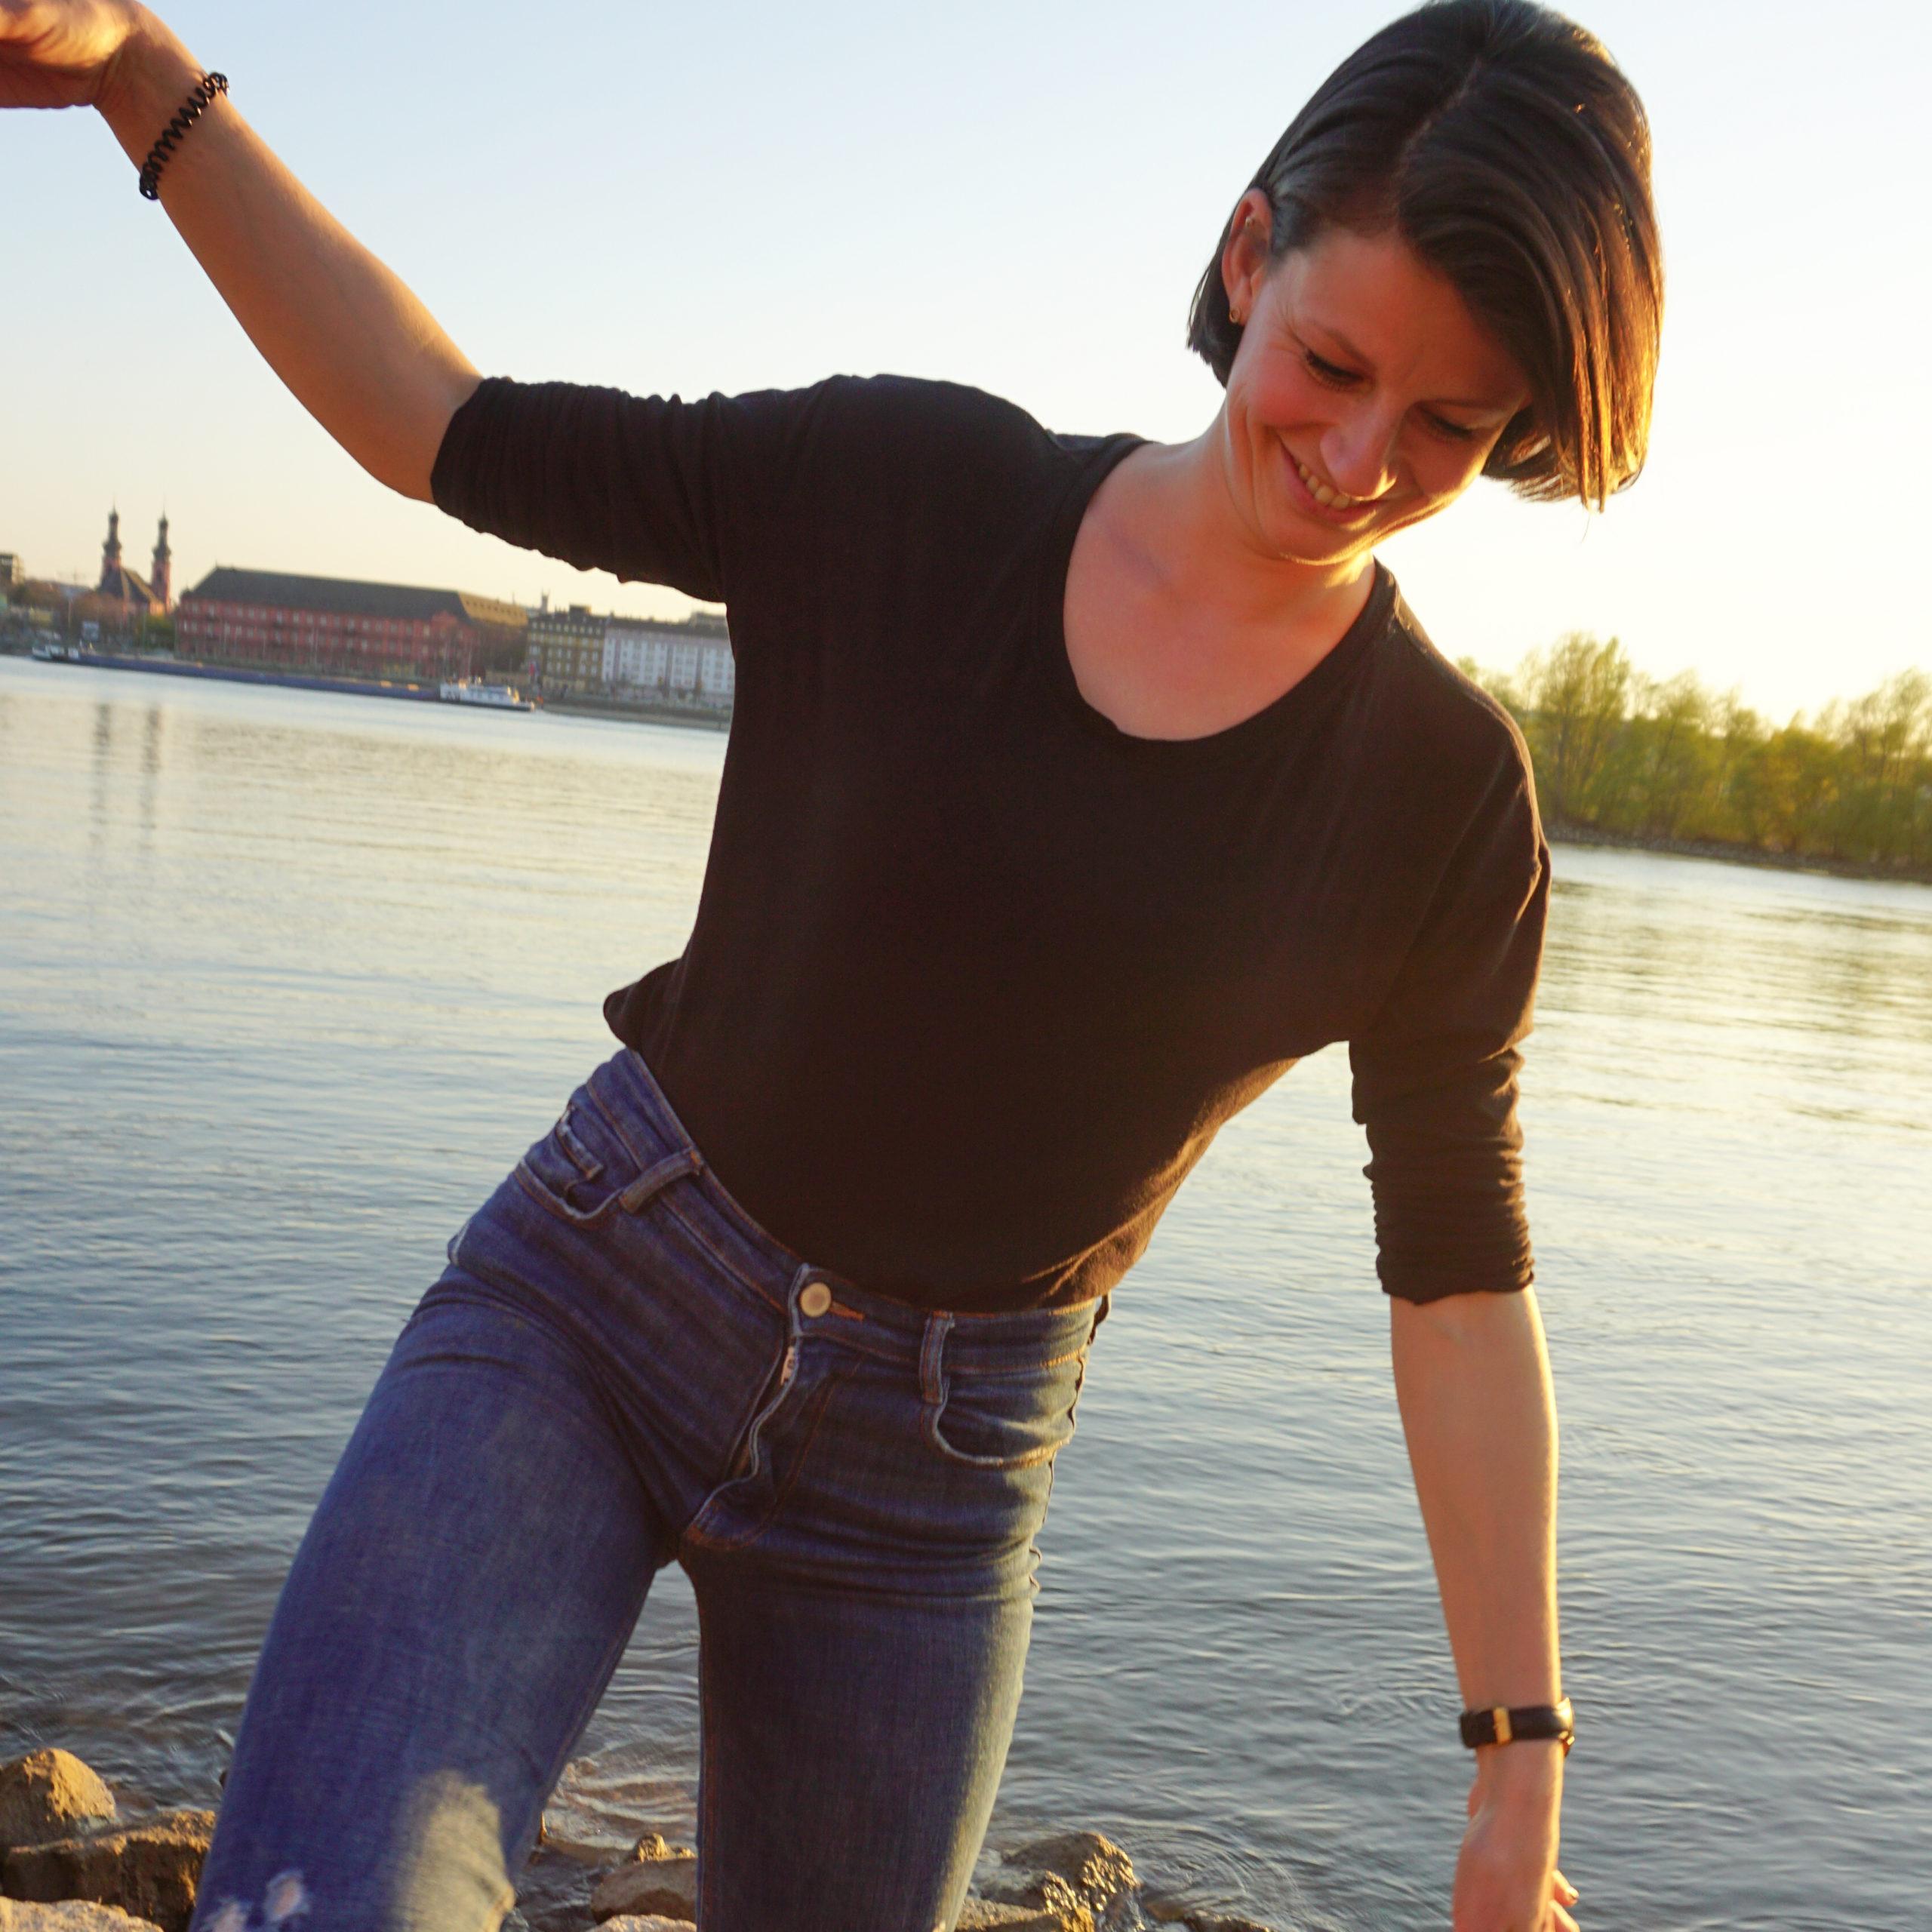 Sonnengruß am Rhein in Mainz